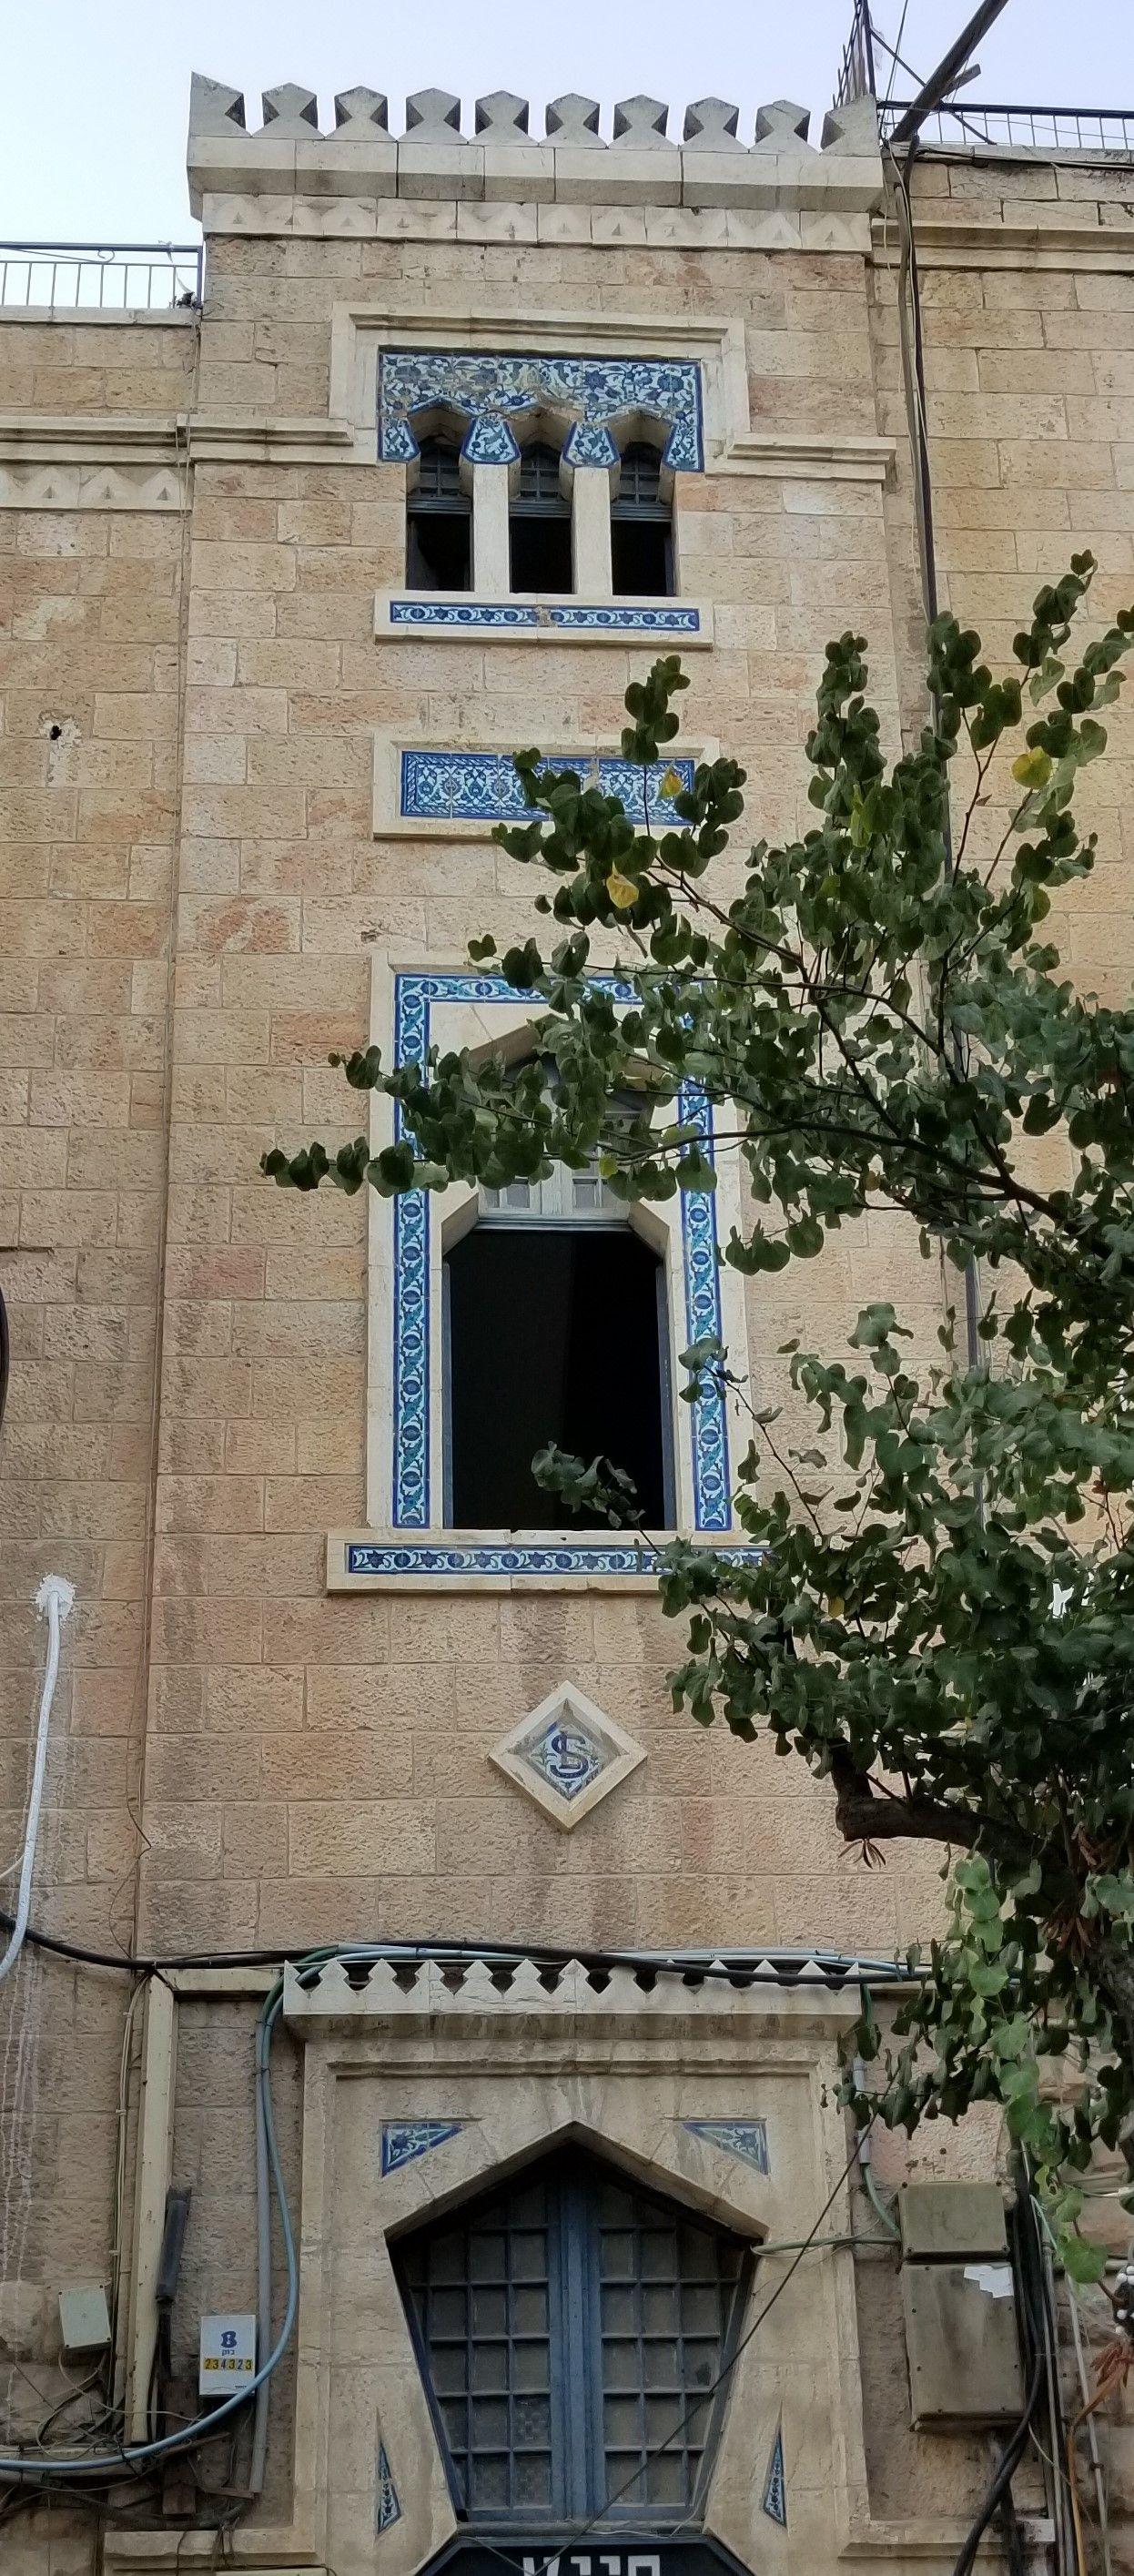 מלון הרלינג-ורשבסקי, הלני המלכה פינת יפו, ירושלים